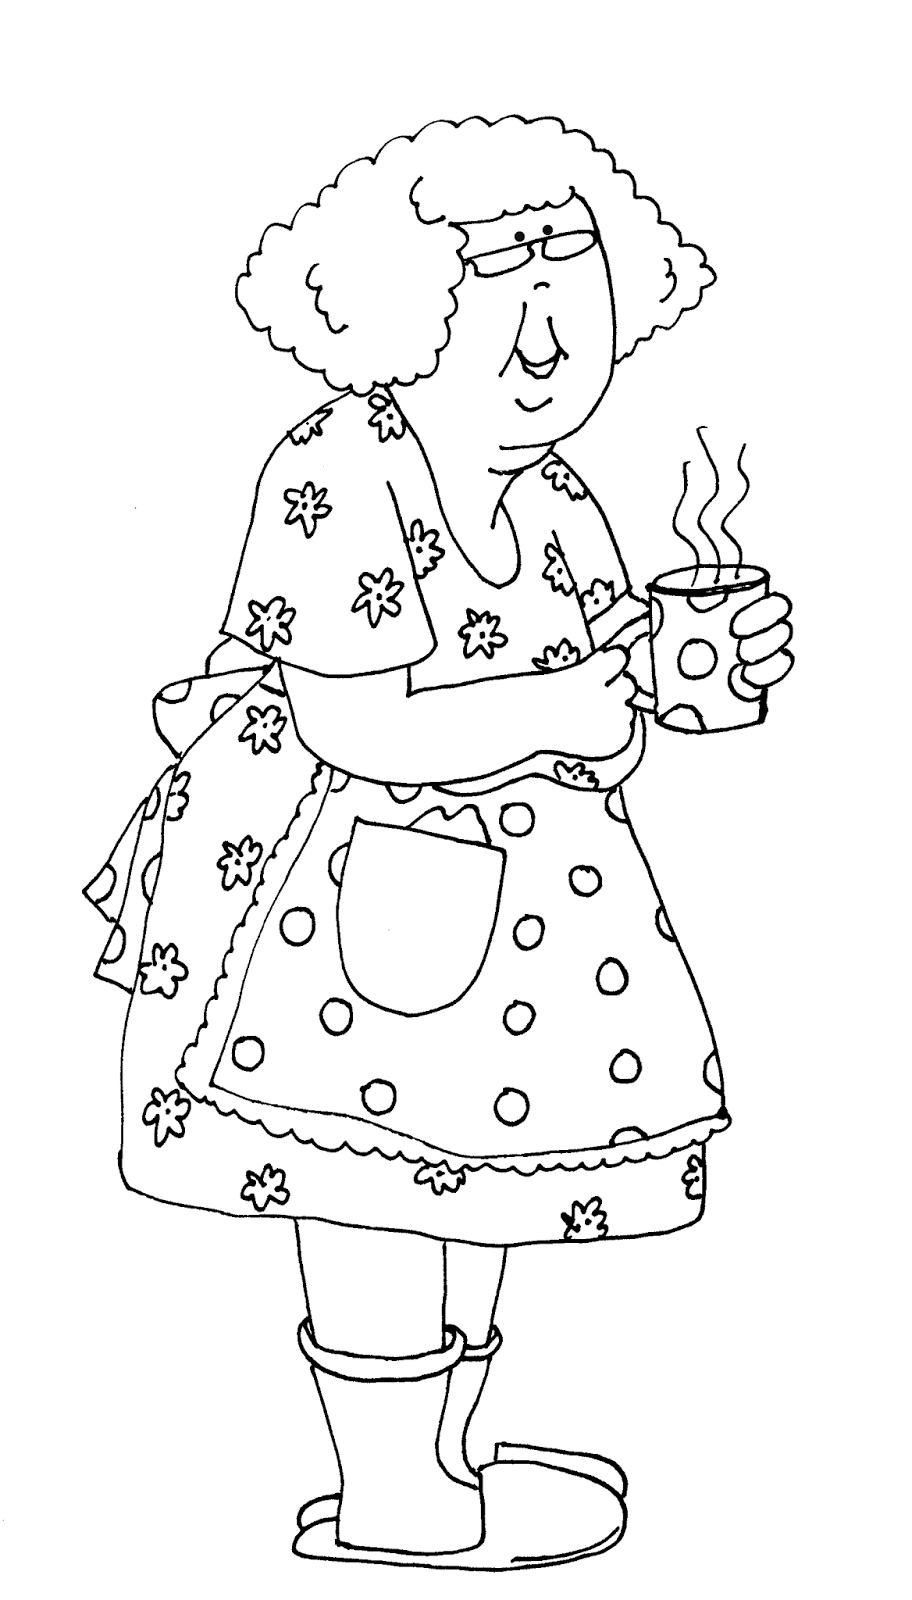 Выпуску, раскраска бабушке